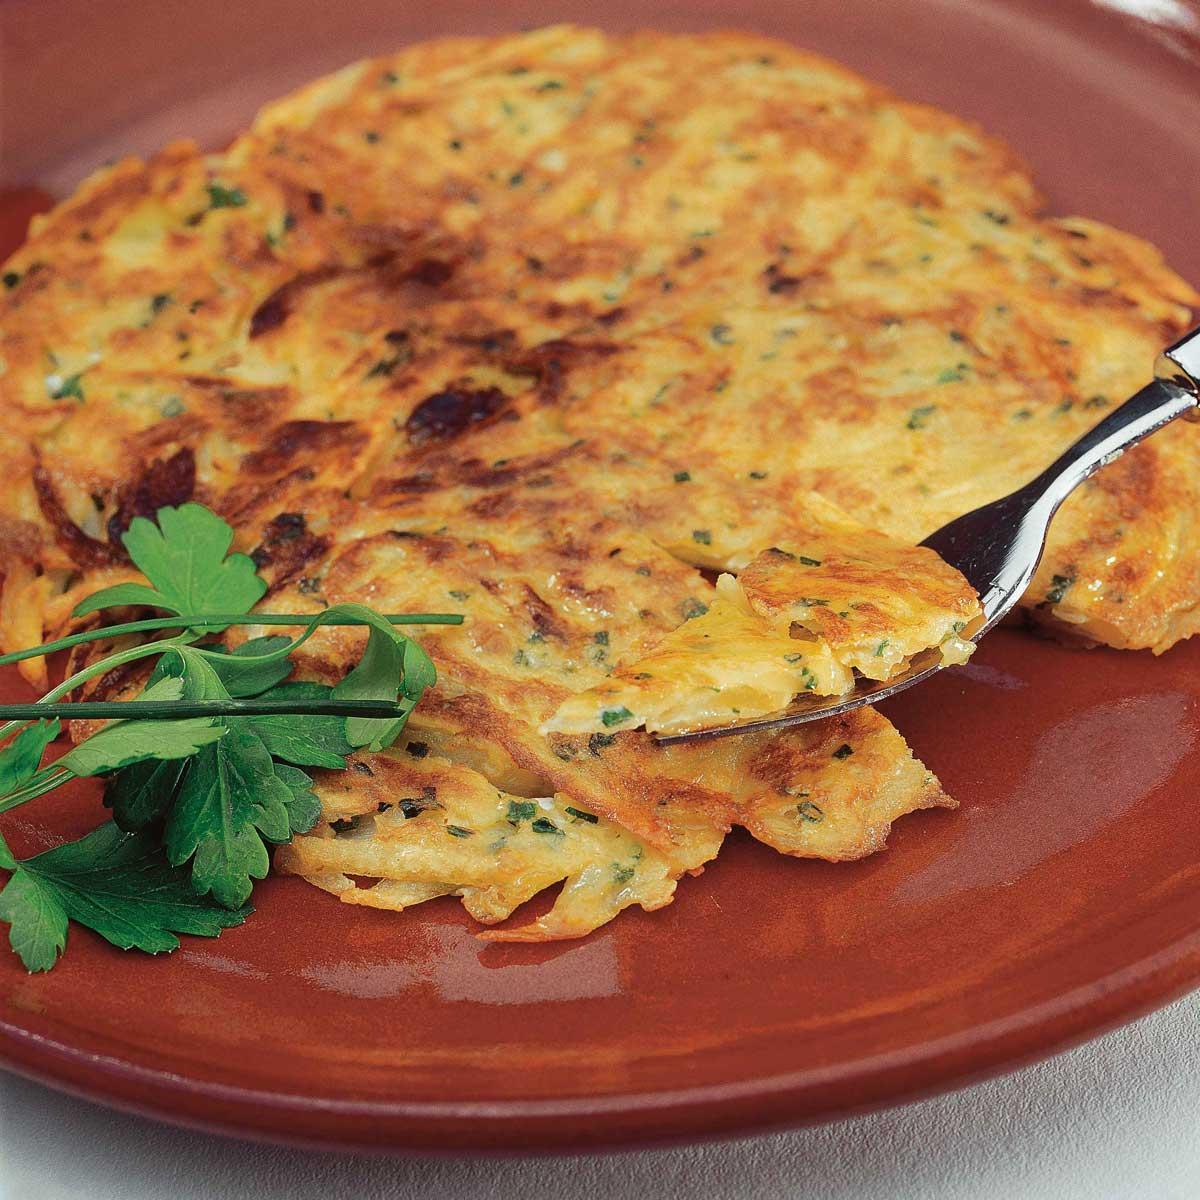 Recette cr pes parmentier cuisine madame figaro - Madame figaro cuisine ...